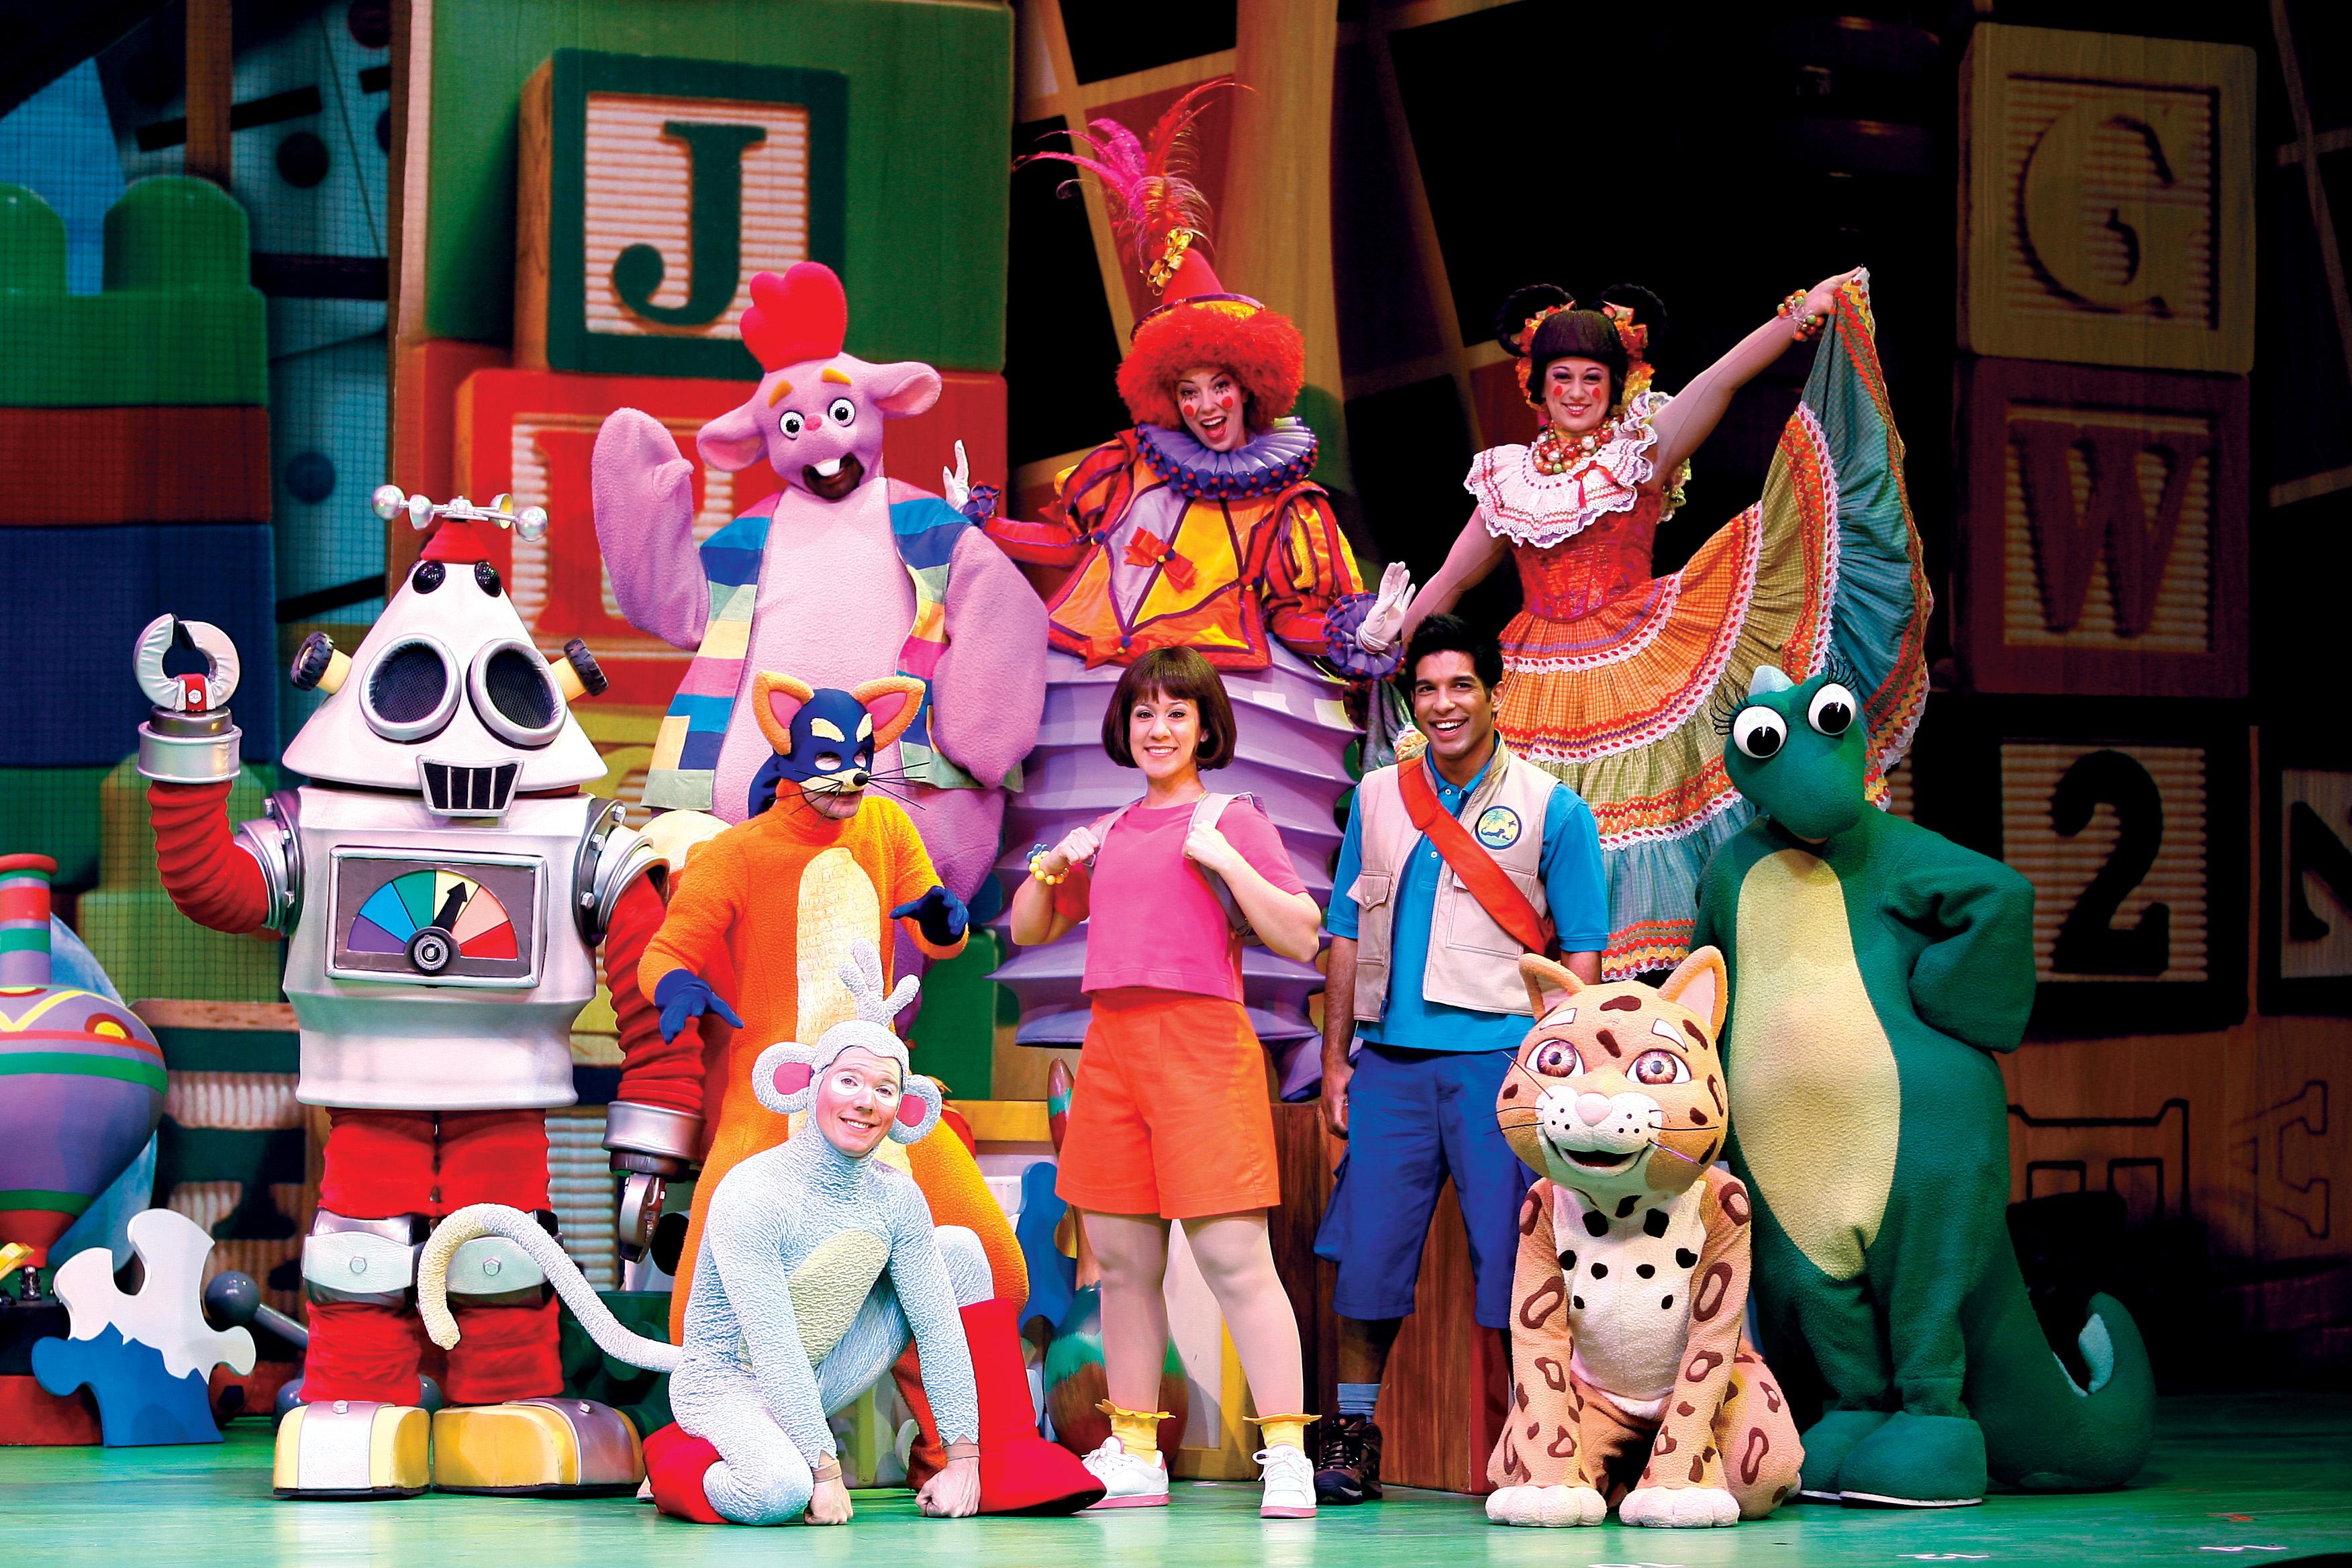 Dora_Toys0067.jpg